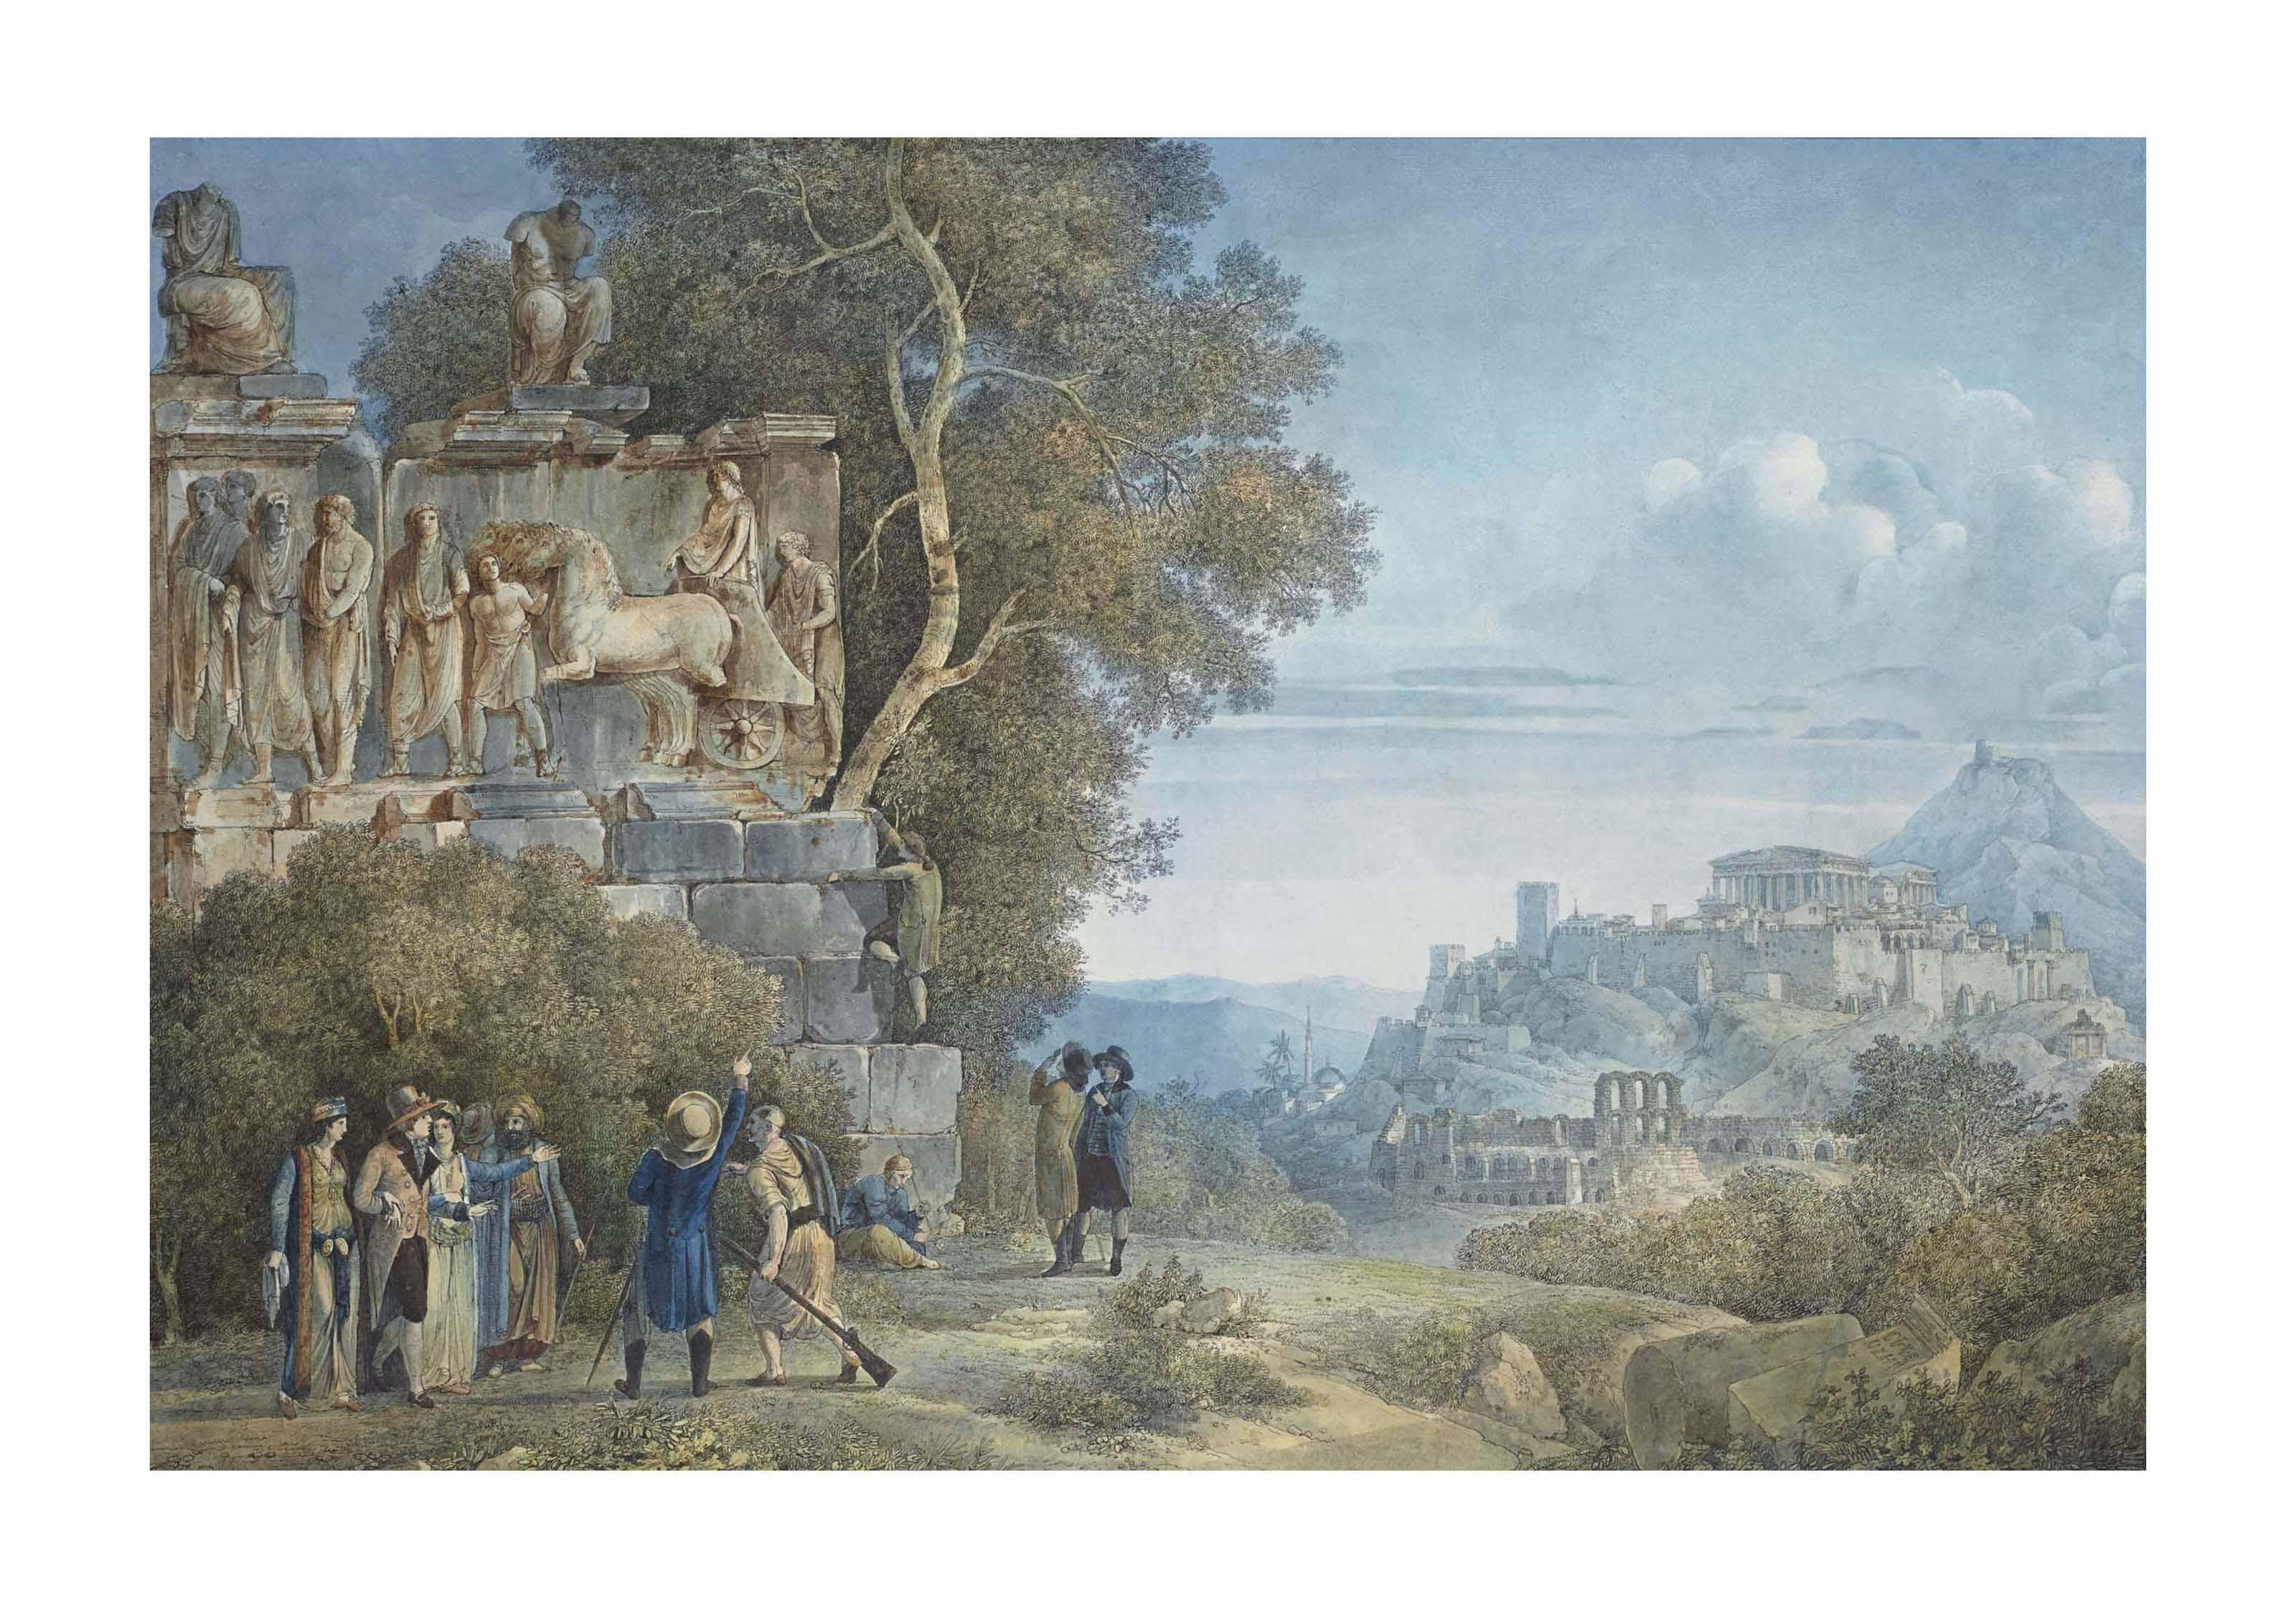 Archéologues examinant un bas-relief aux abords de la ville d'Athènes